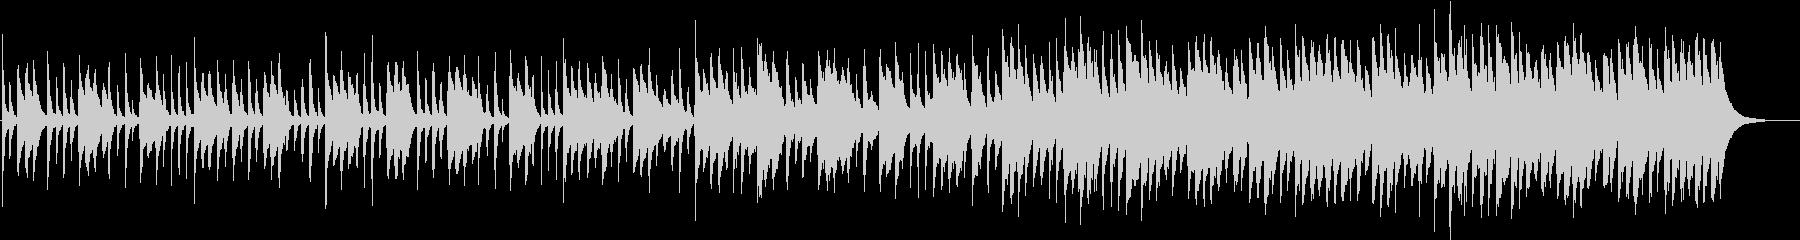 ピアノ&ハンドクラッピングの未再生の波形